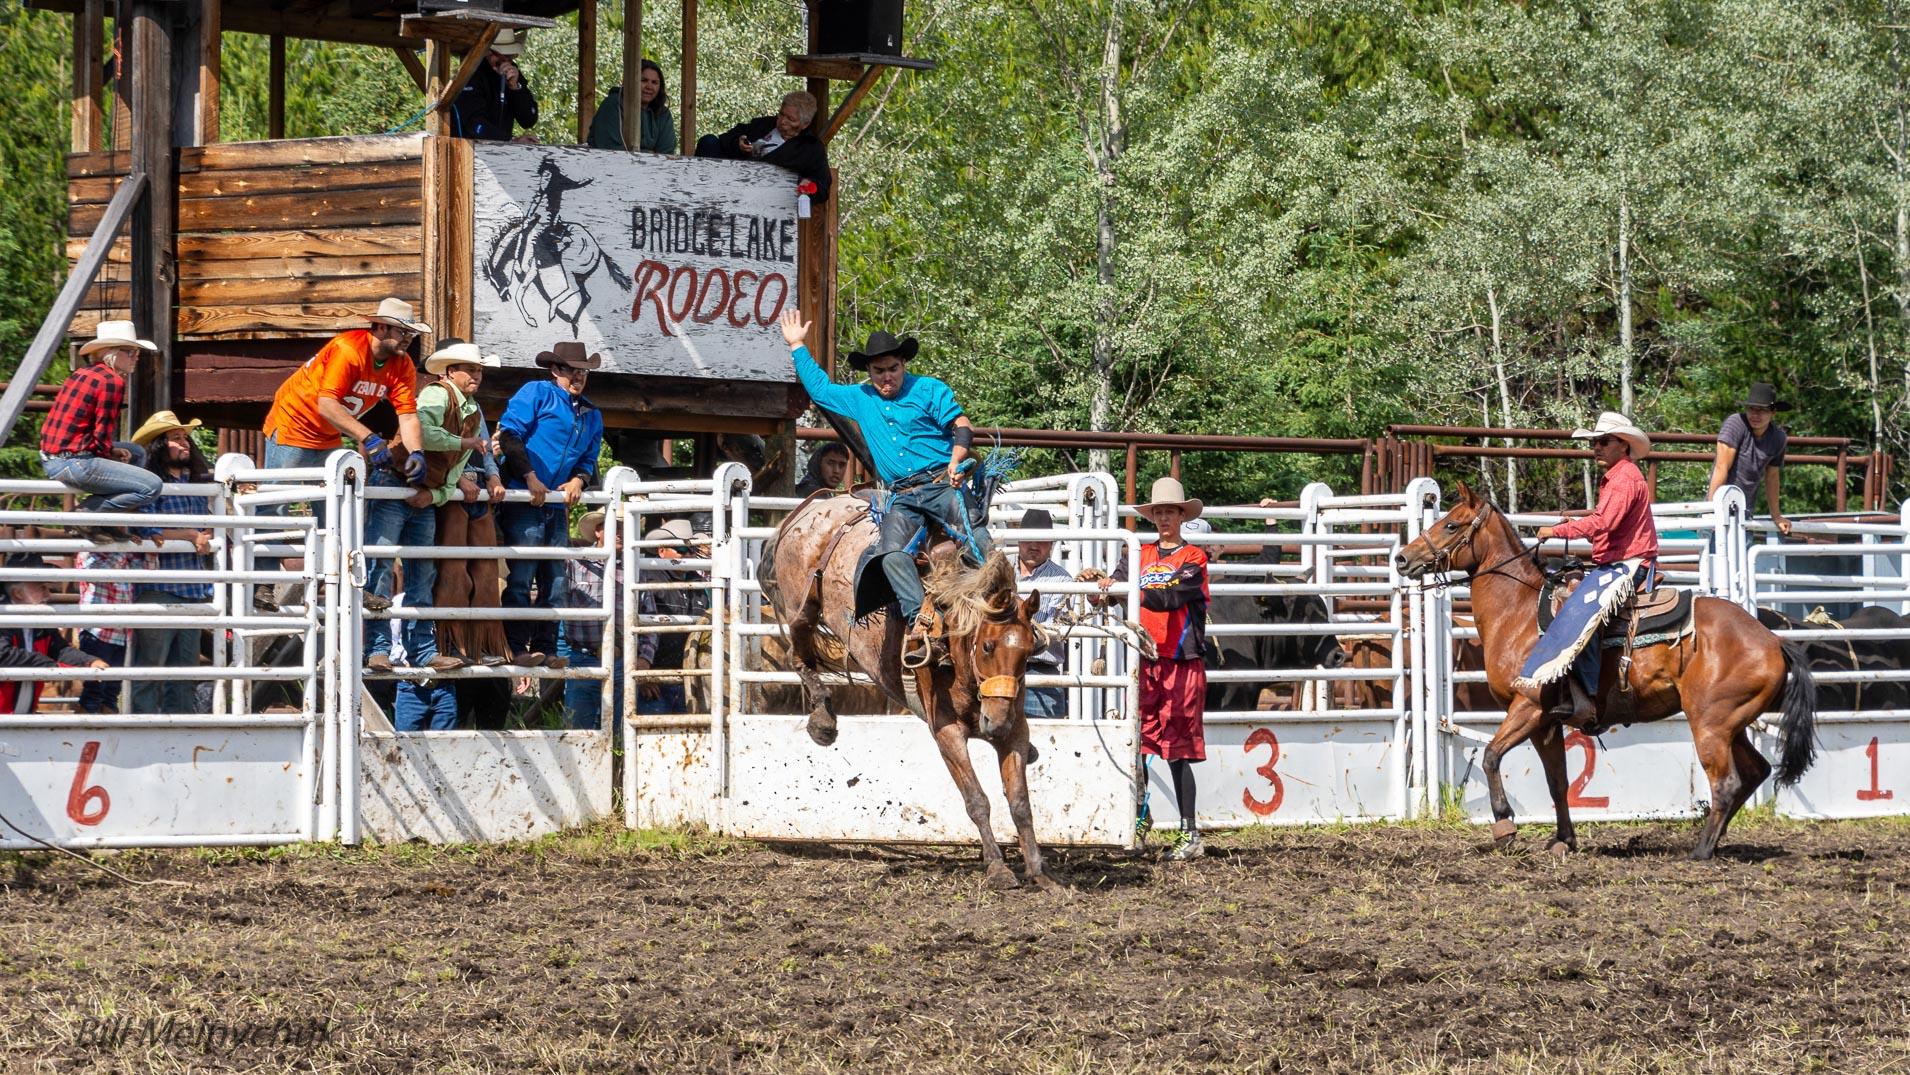 Rodeo_DSC1048-308 - Bill Melnychuk